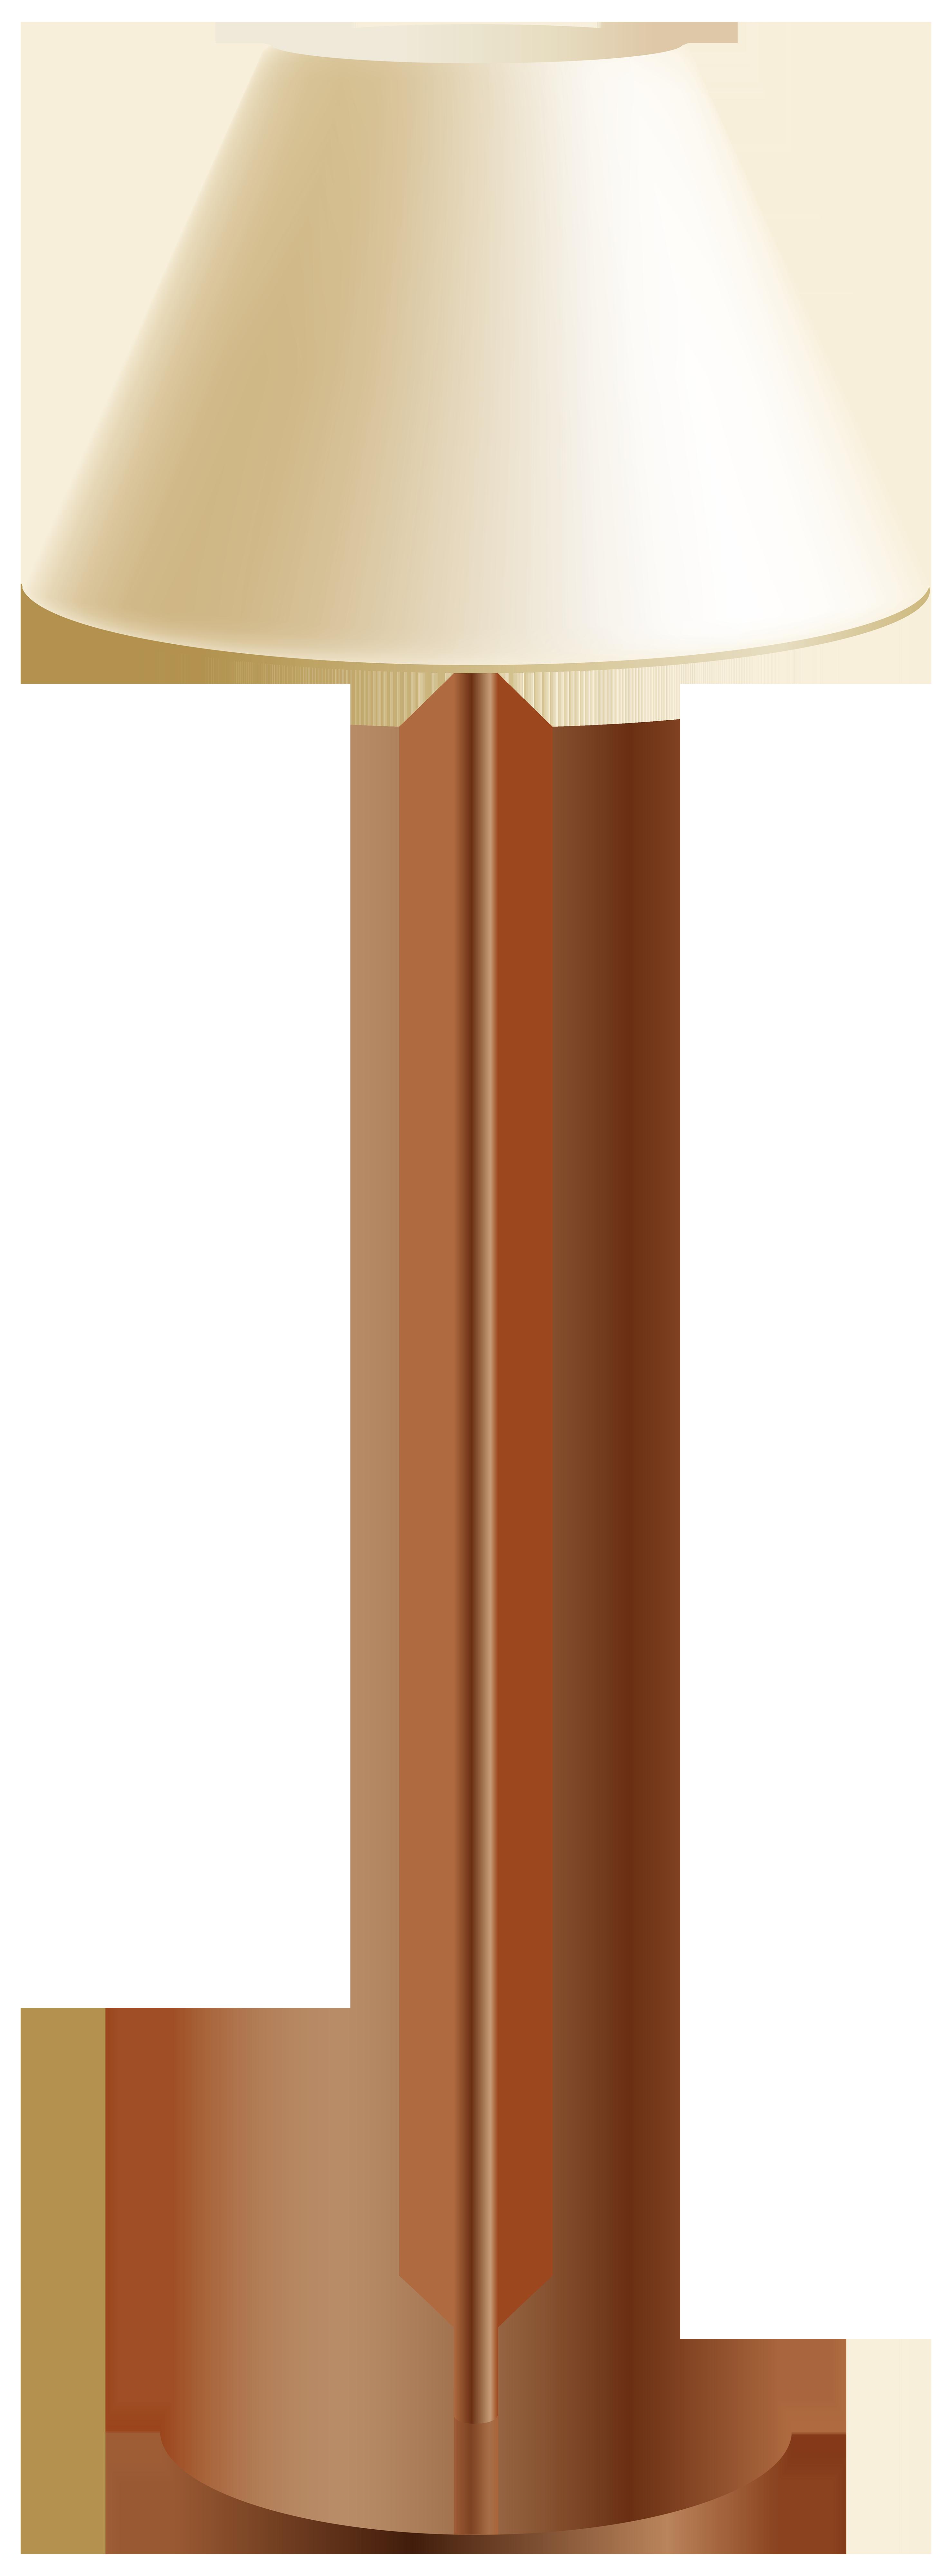 Standard Lamp Lamp PNG Clip Art.